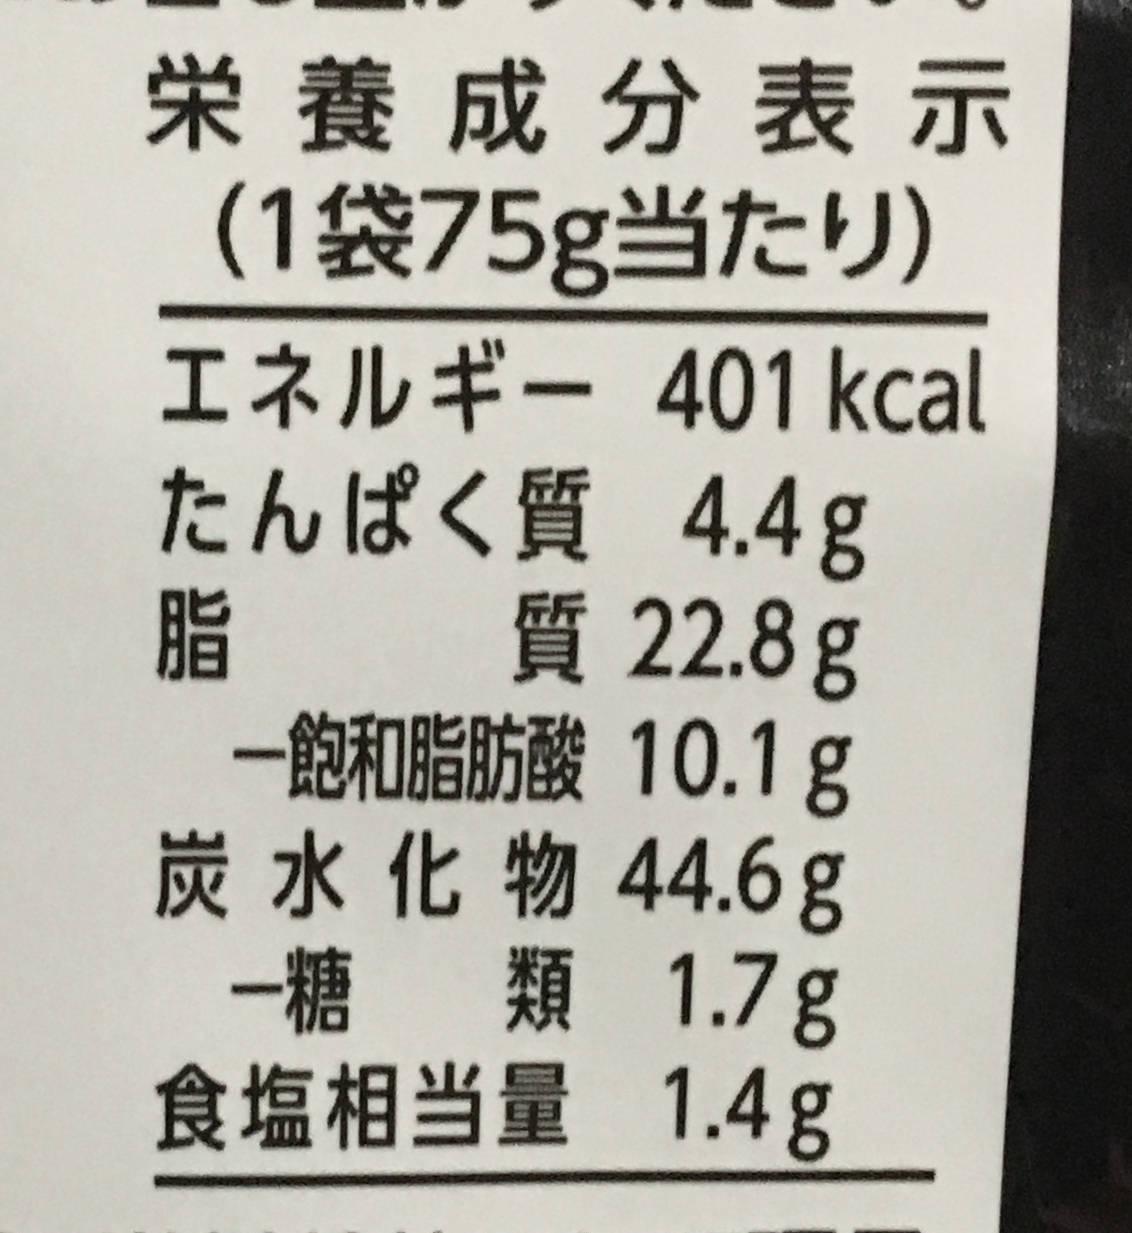 栄養成分表示:いきなり!ステーキ コーンスナック ワイルドハンバーグ味